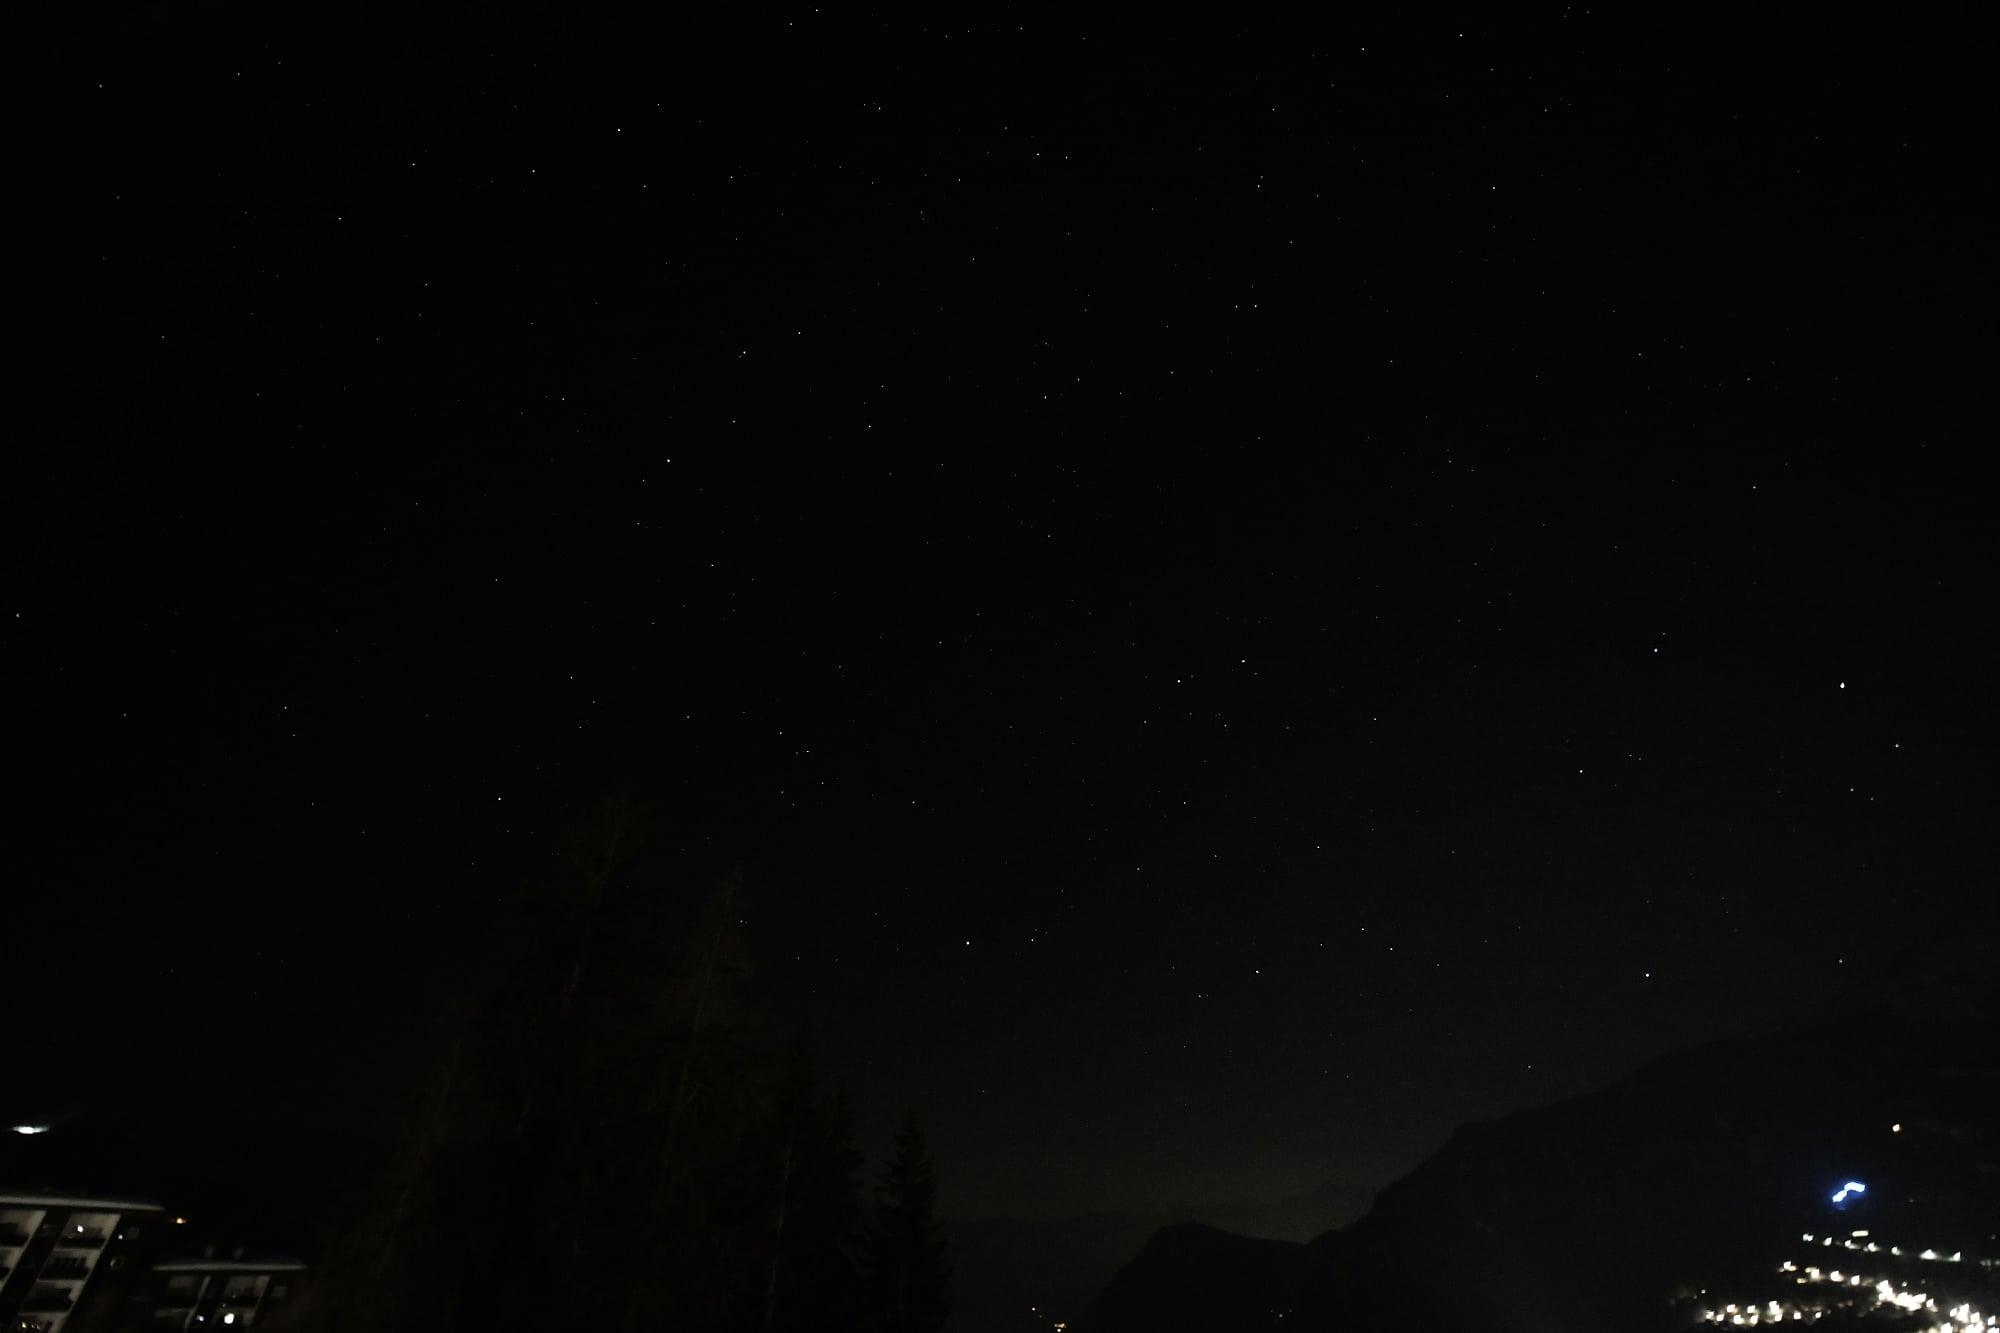 Sternbild Orion aus der Hand fotografiert